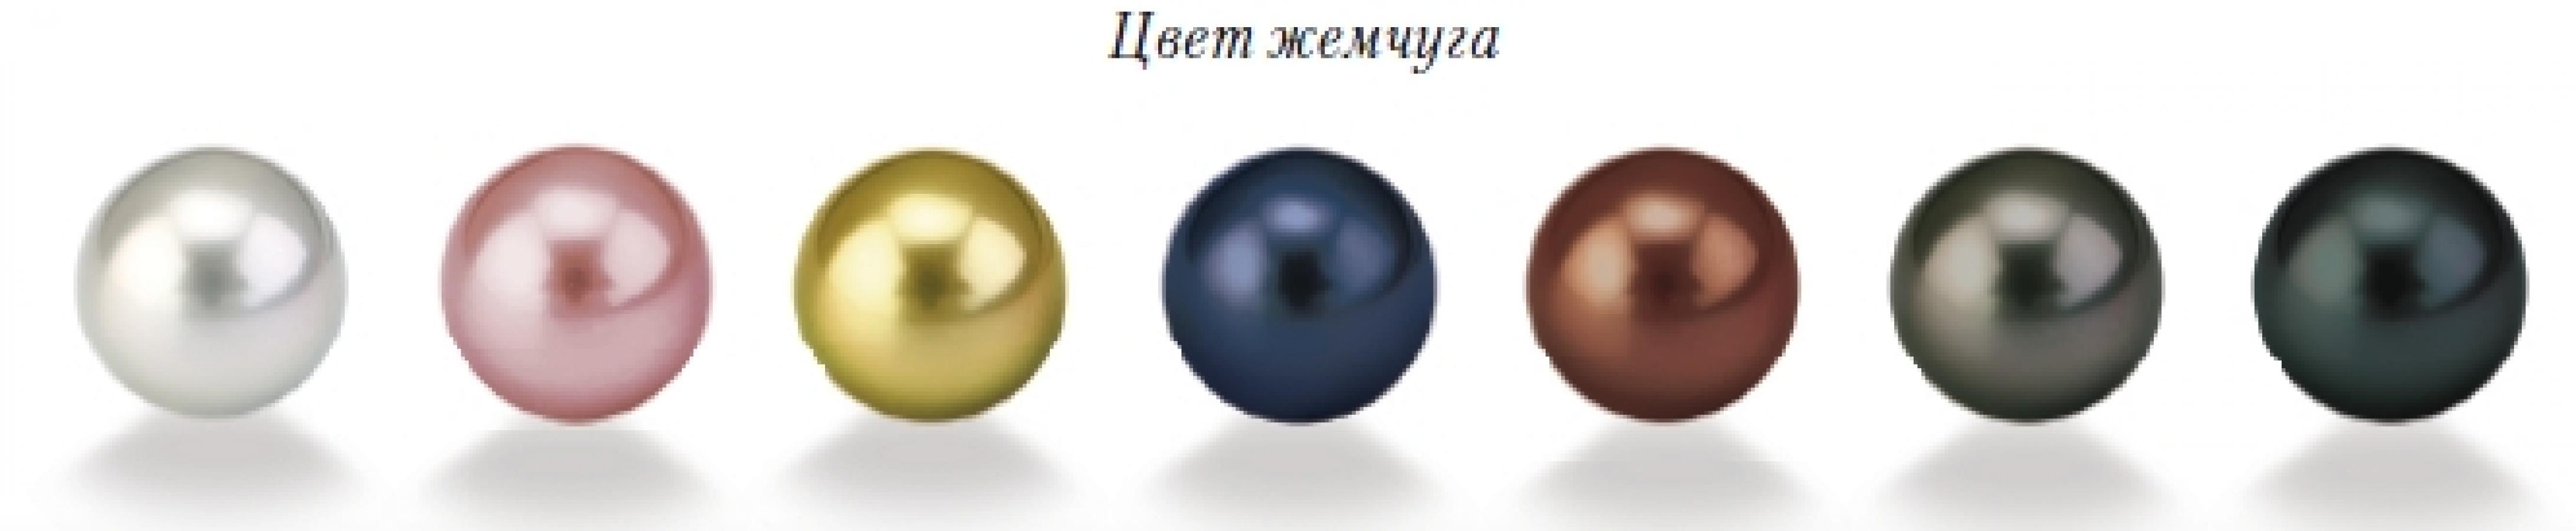 Цвет тёмный жемчуг фото